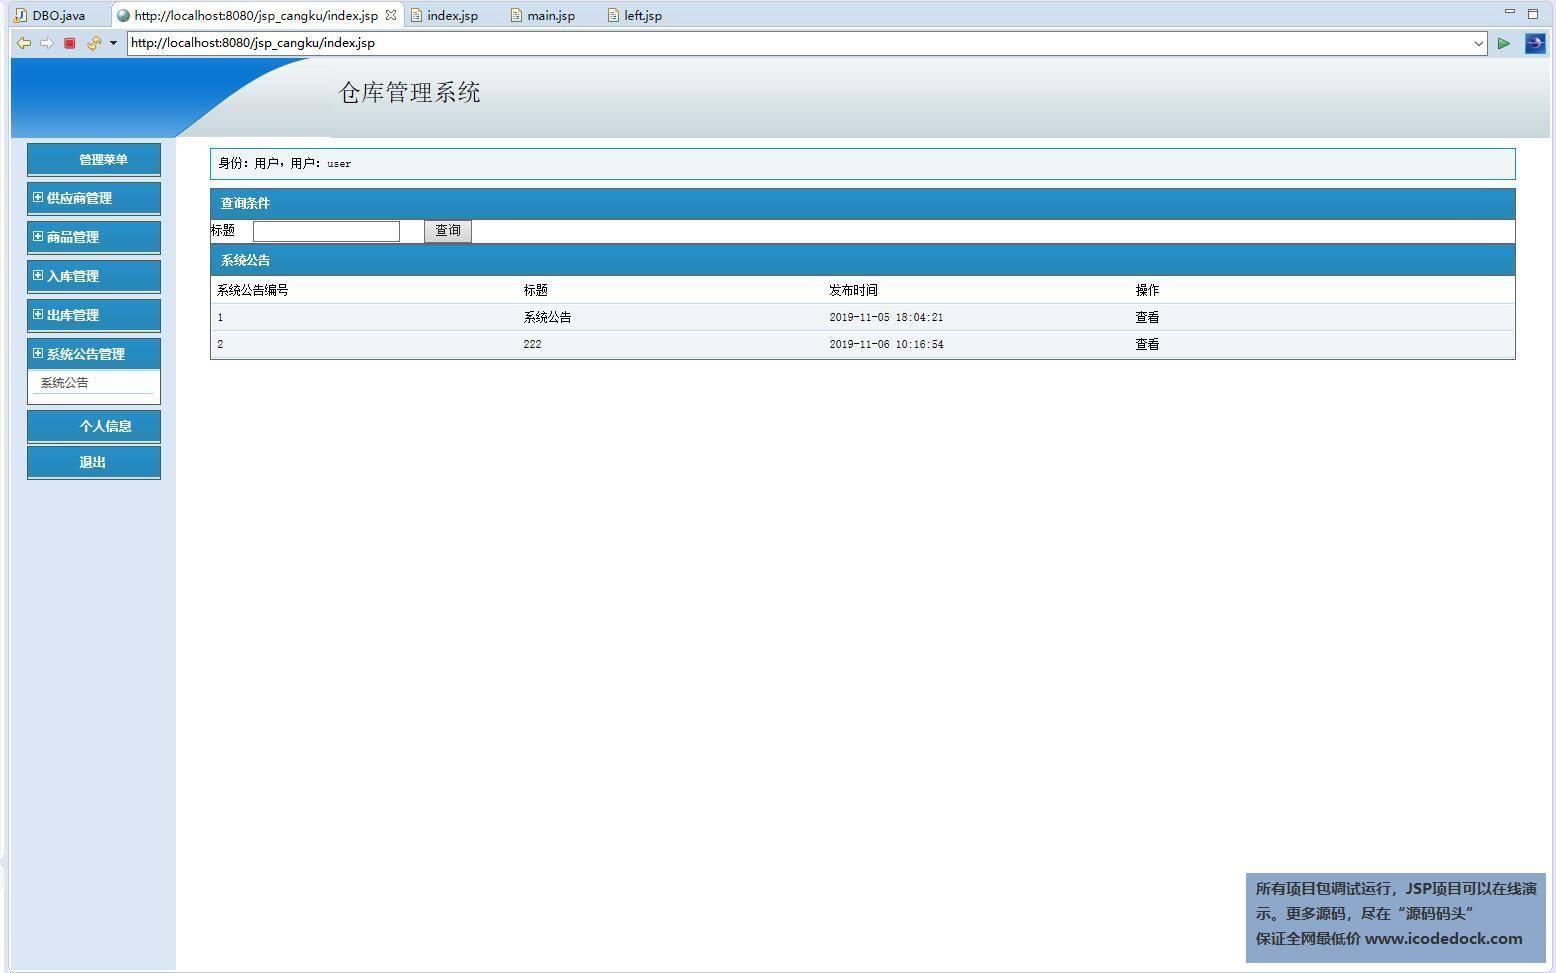 源码码头-JSP仓库管理系统-用户角色-系统公告查看